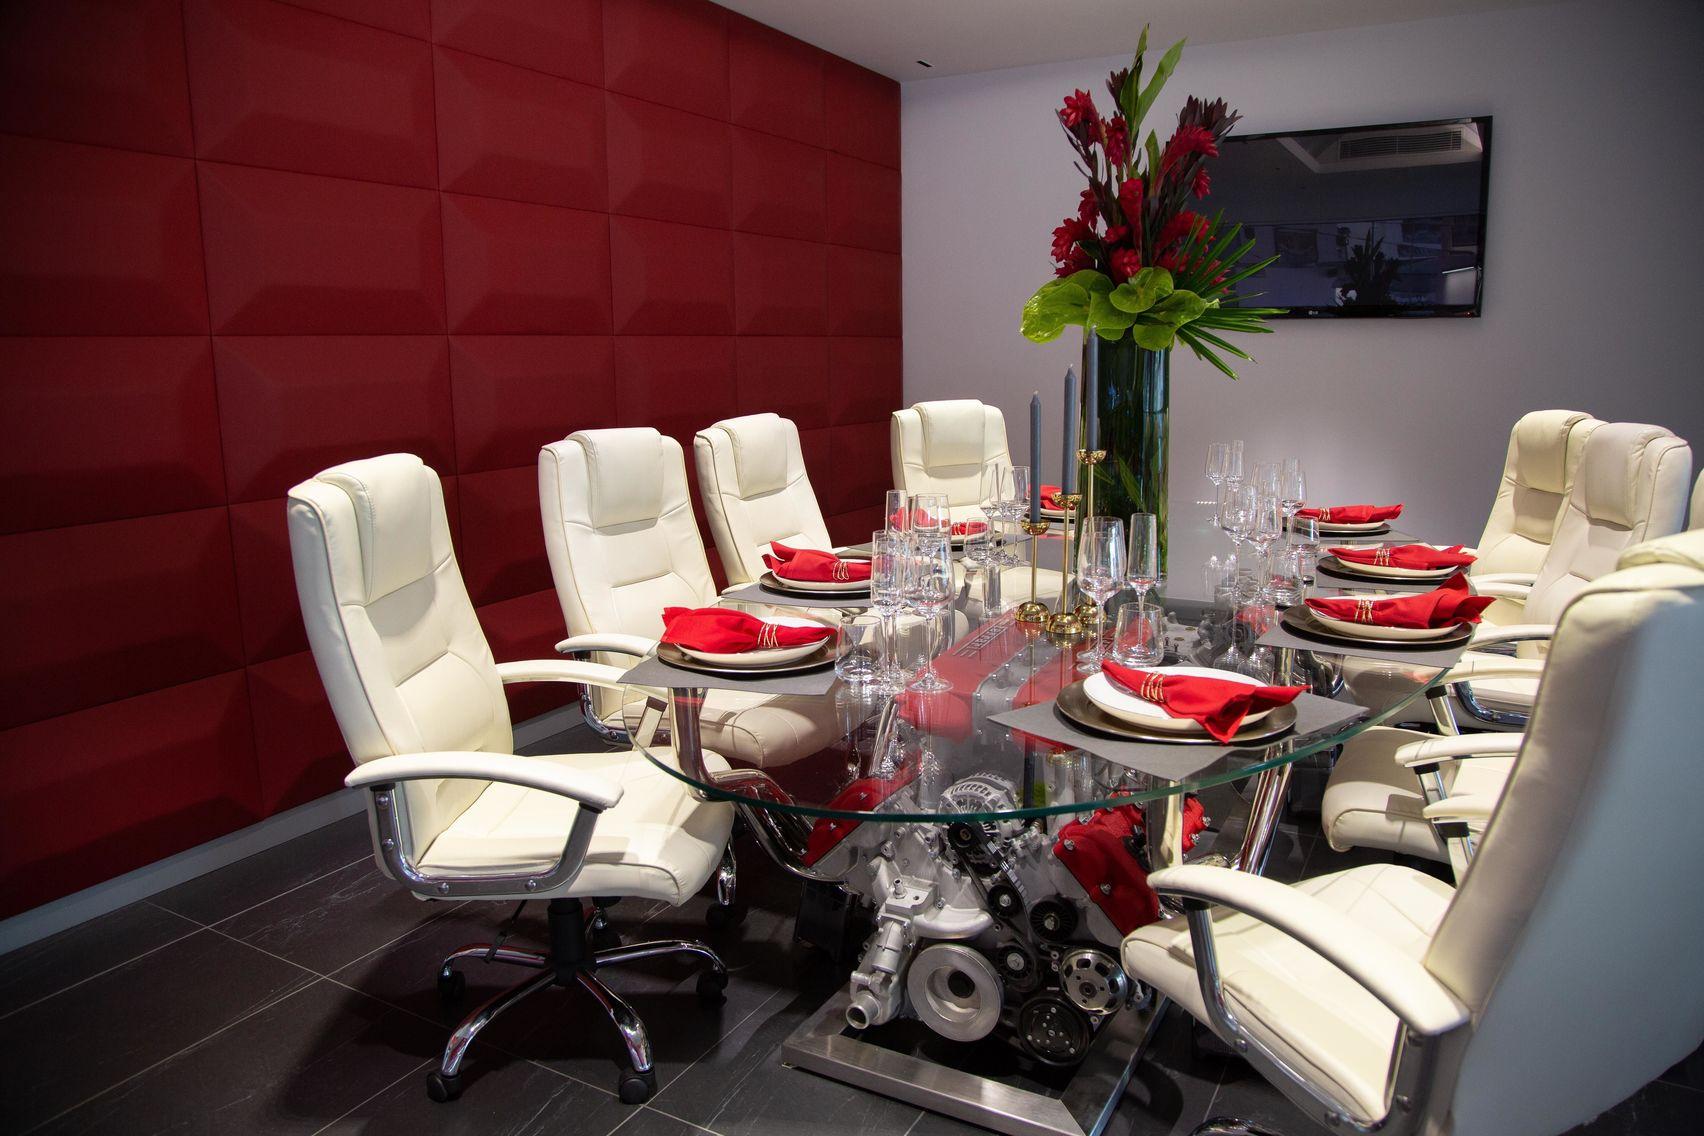 Boardroom, Joe Macari Showroom